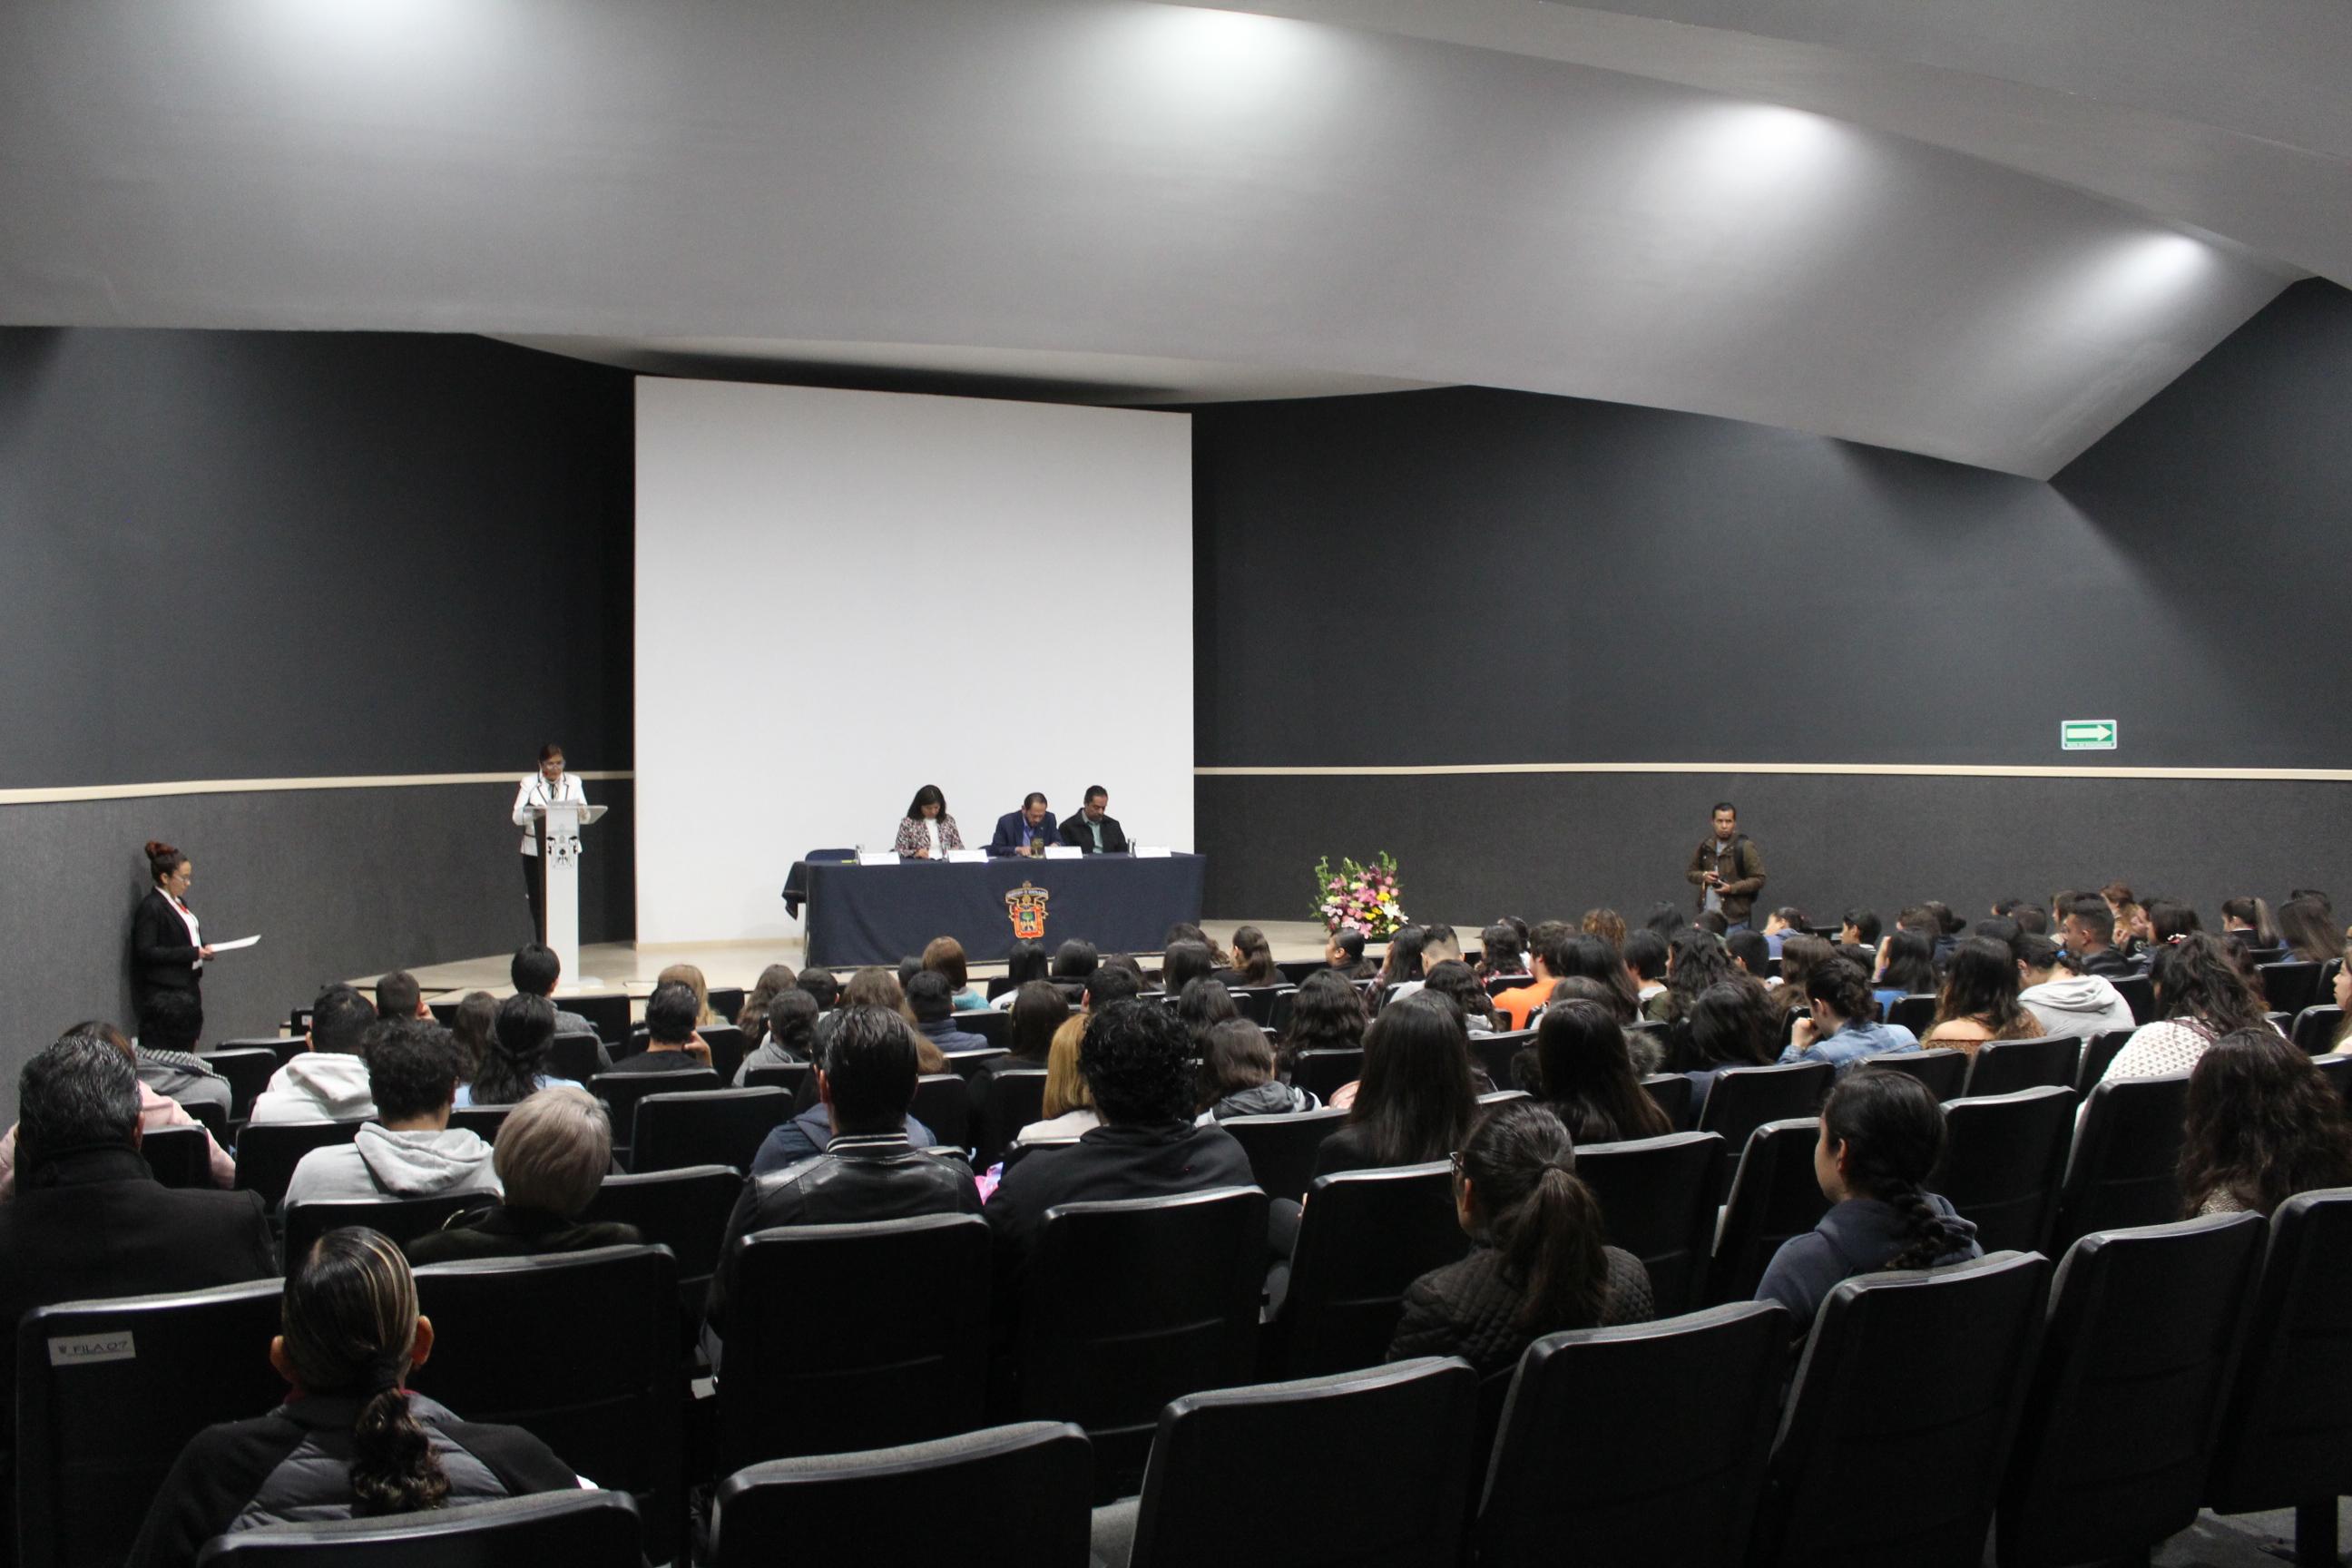 Los asistentes al acto inaugural se reunieron en el Auditorio Dr. Horacio Padilla Muñoz